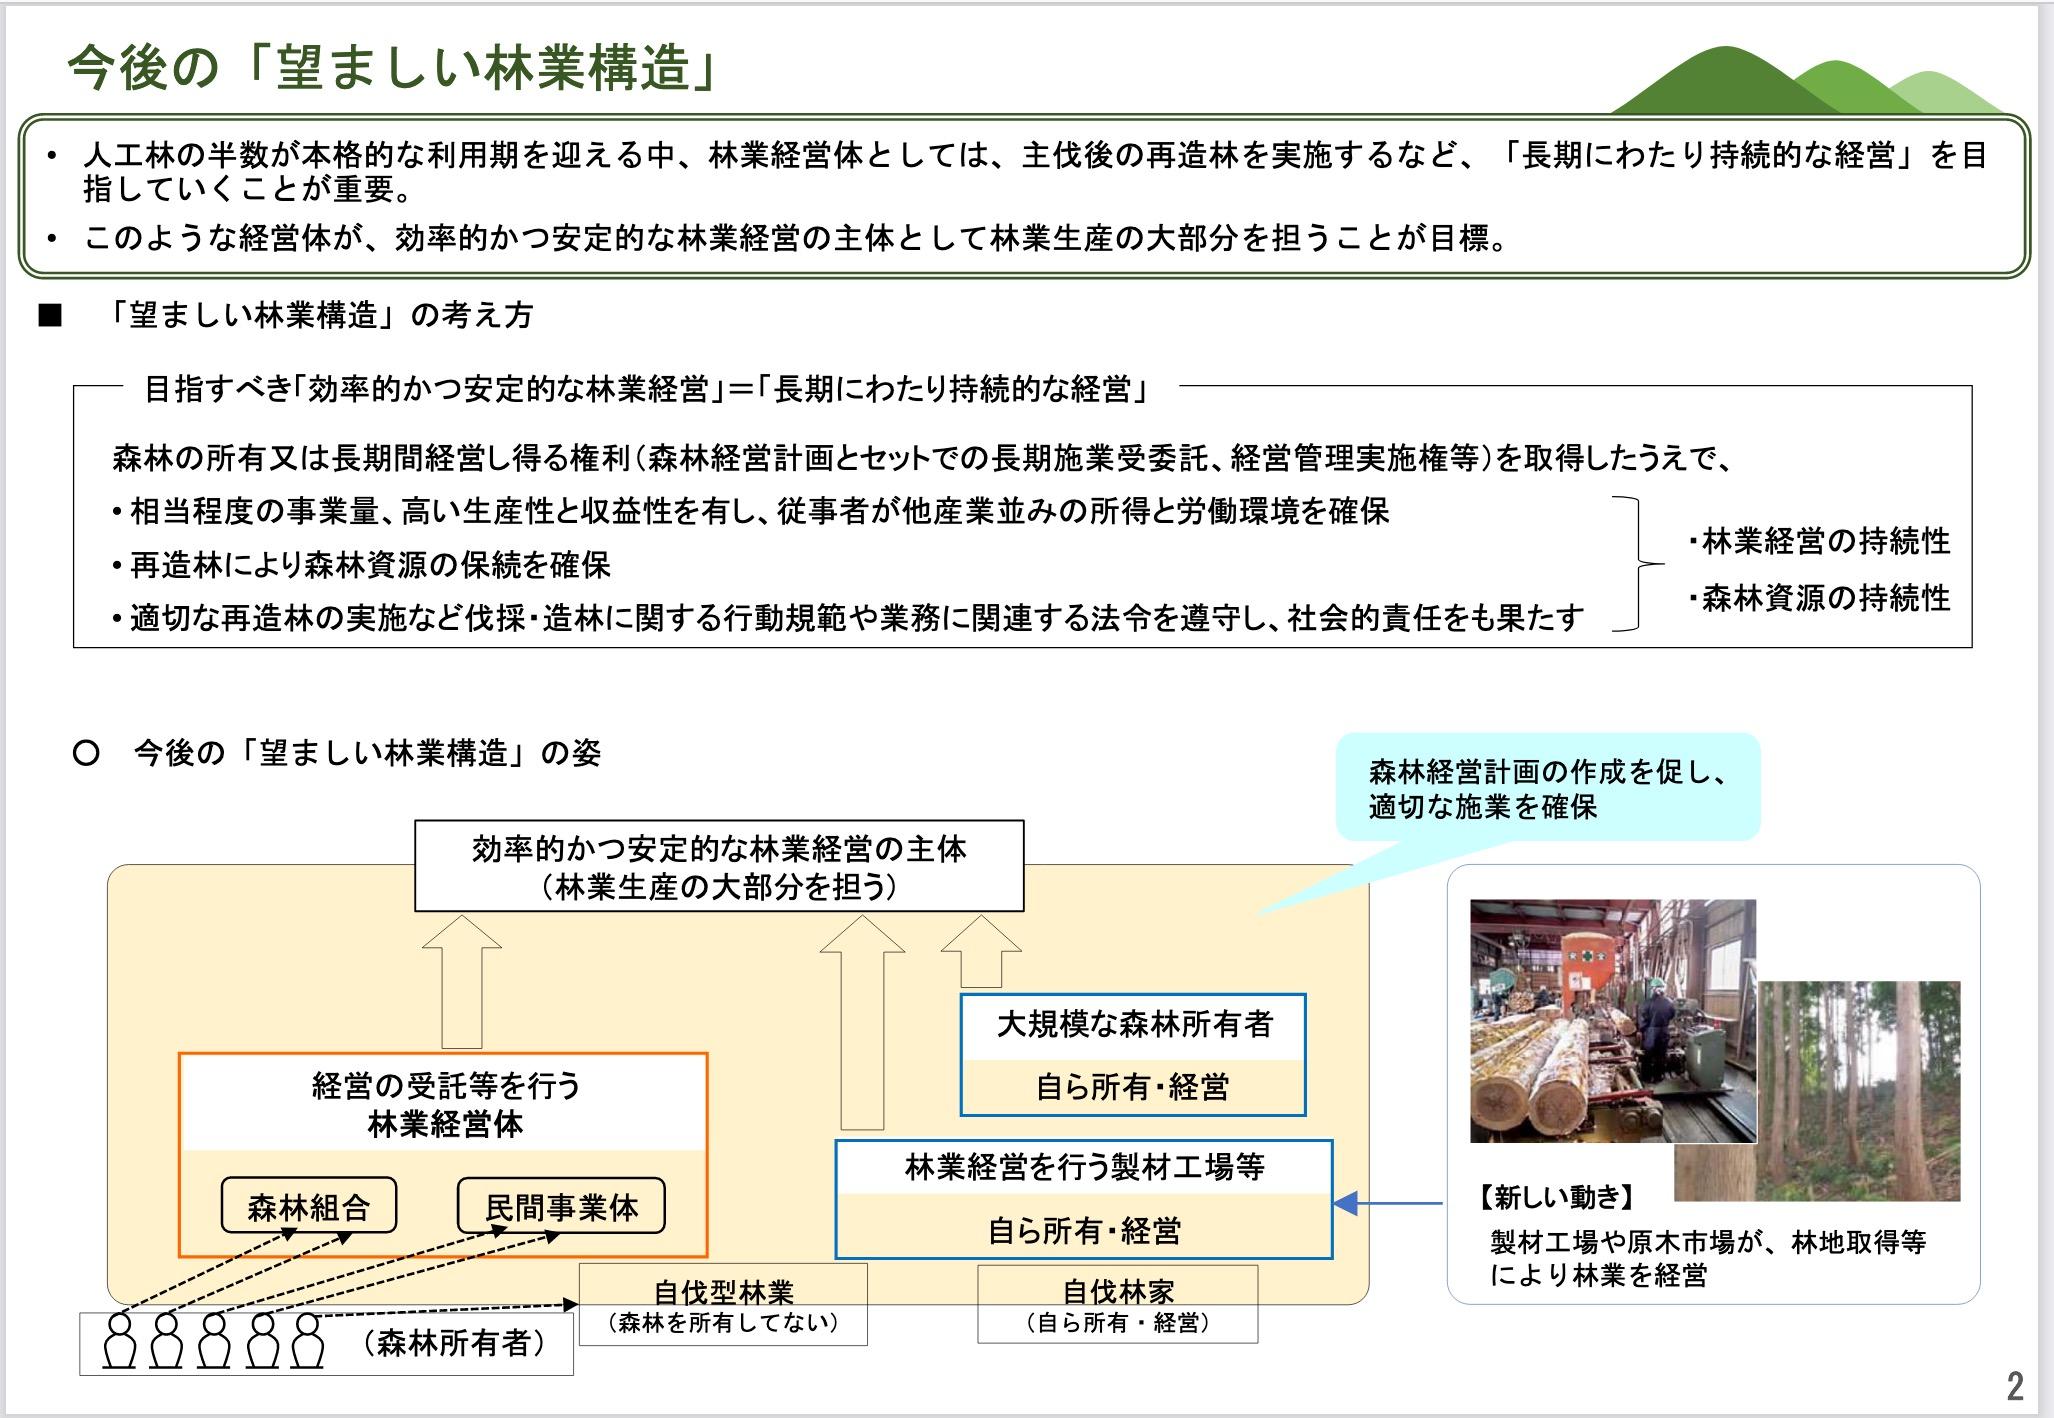 林野庁・林政審議会において「自伐型林業」が明記されました。